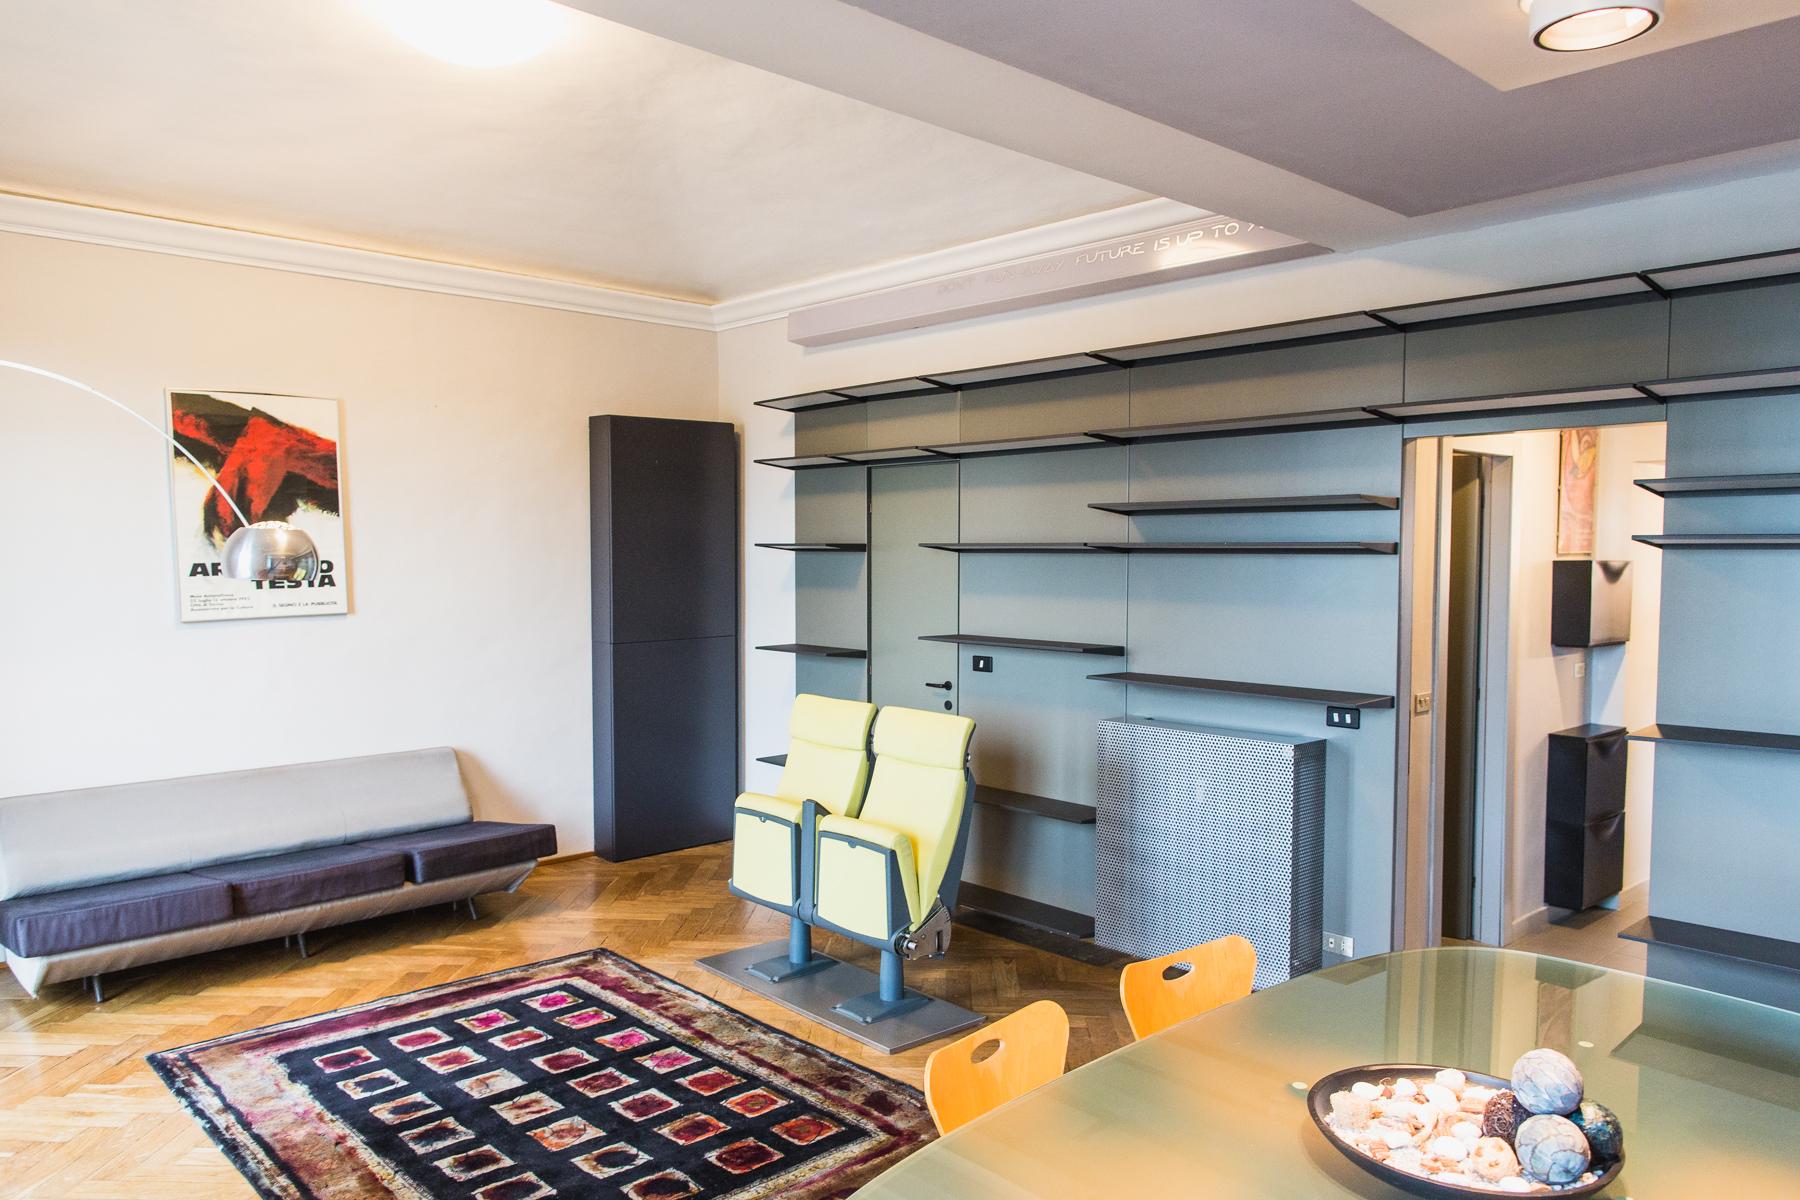 Appartamento in Vendita a Torino: 4 locali, 110 mq - Foto 2